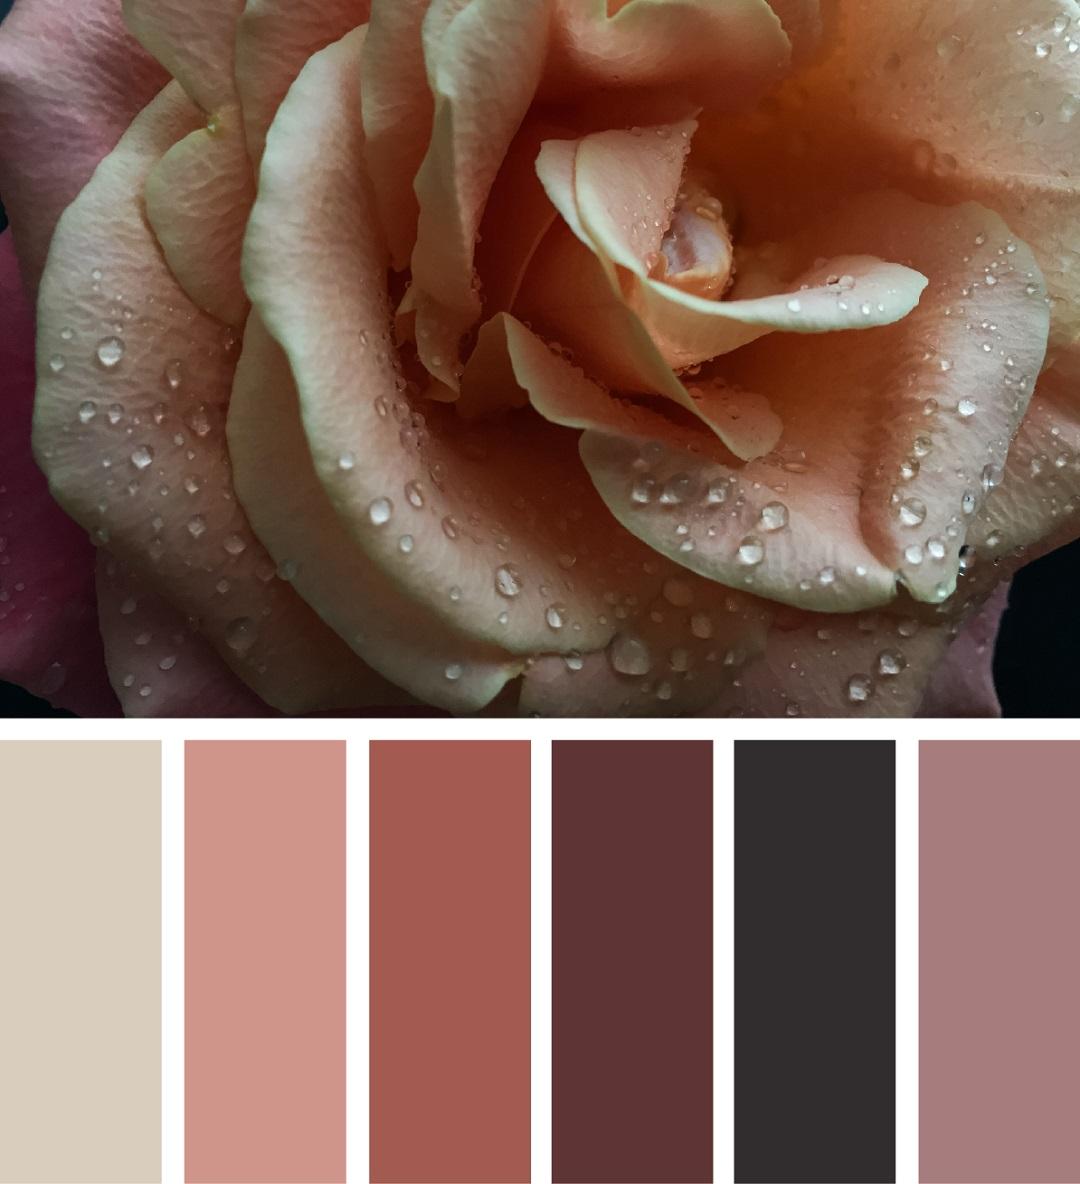 Выбор базового цвета, палитры